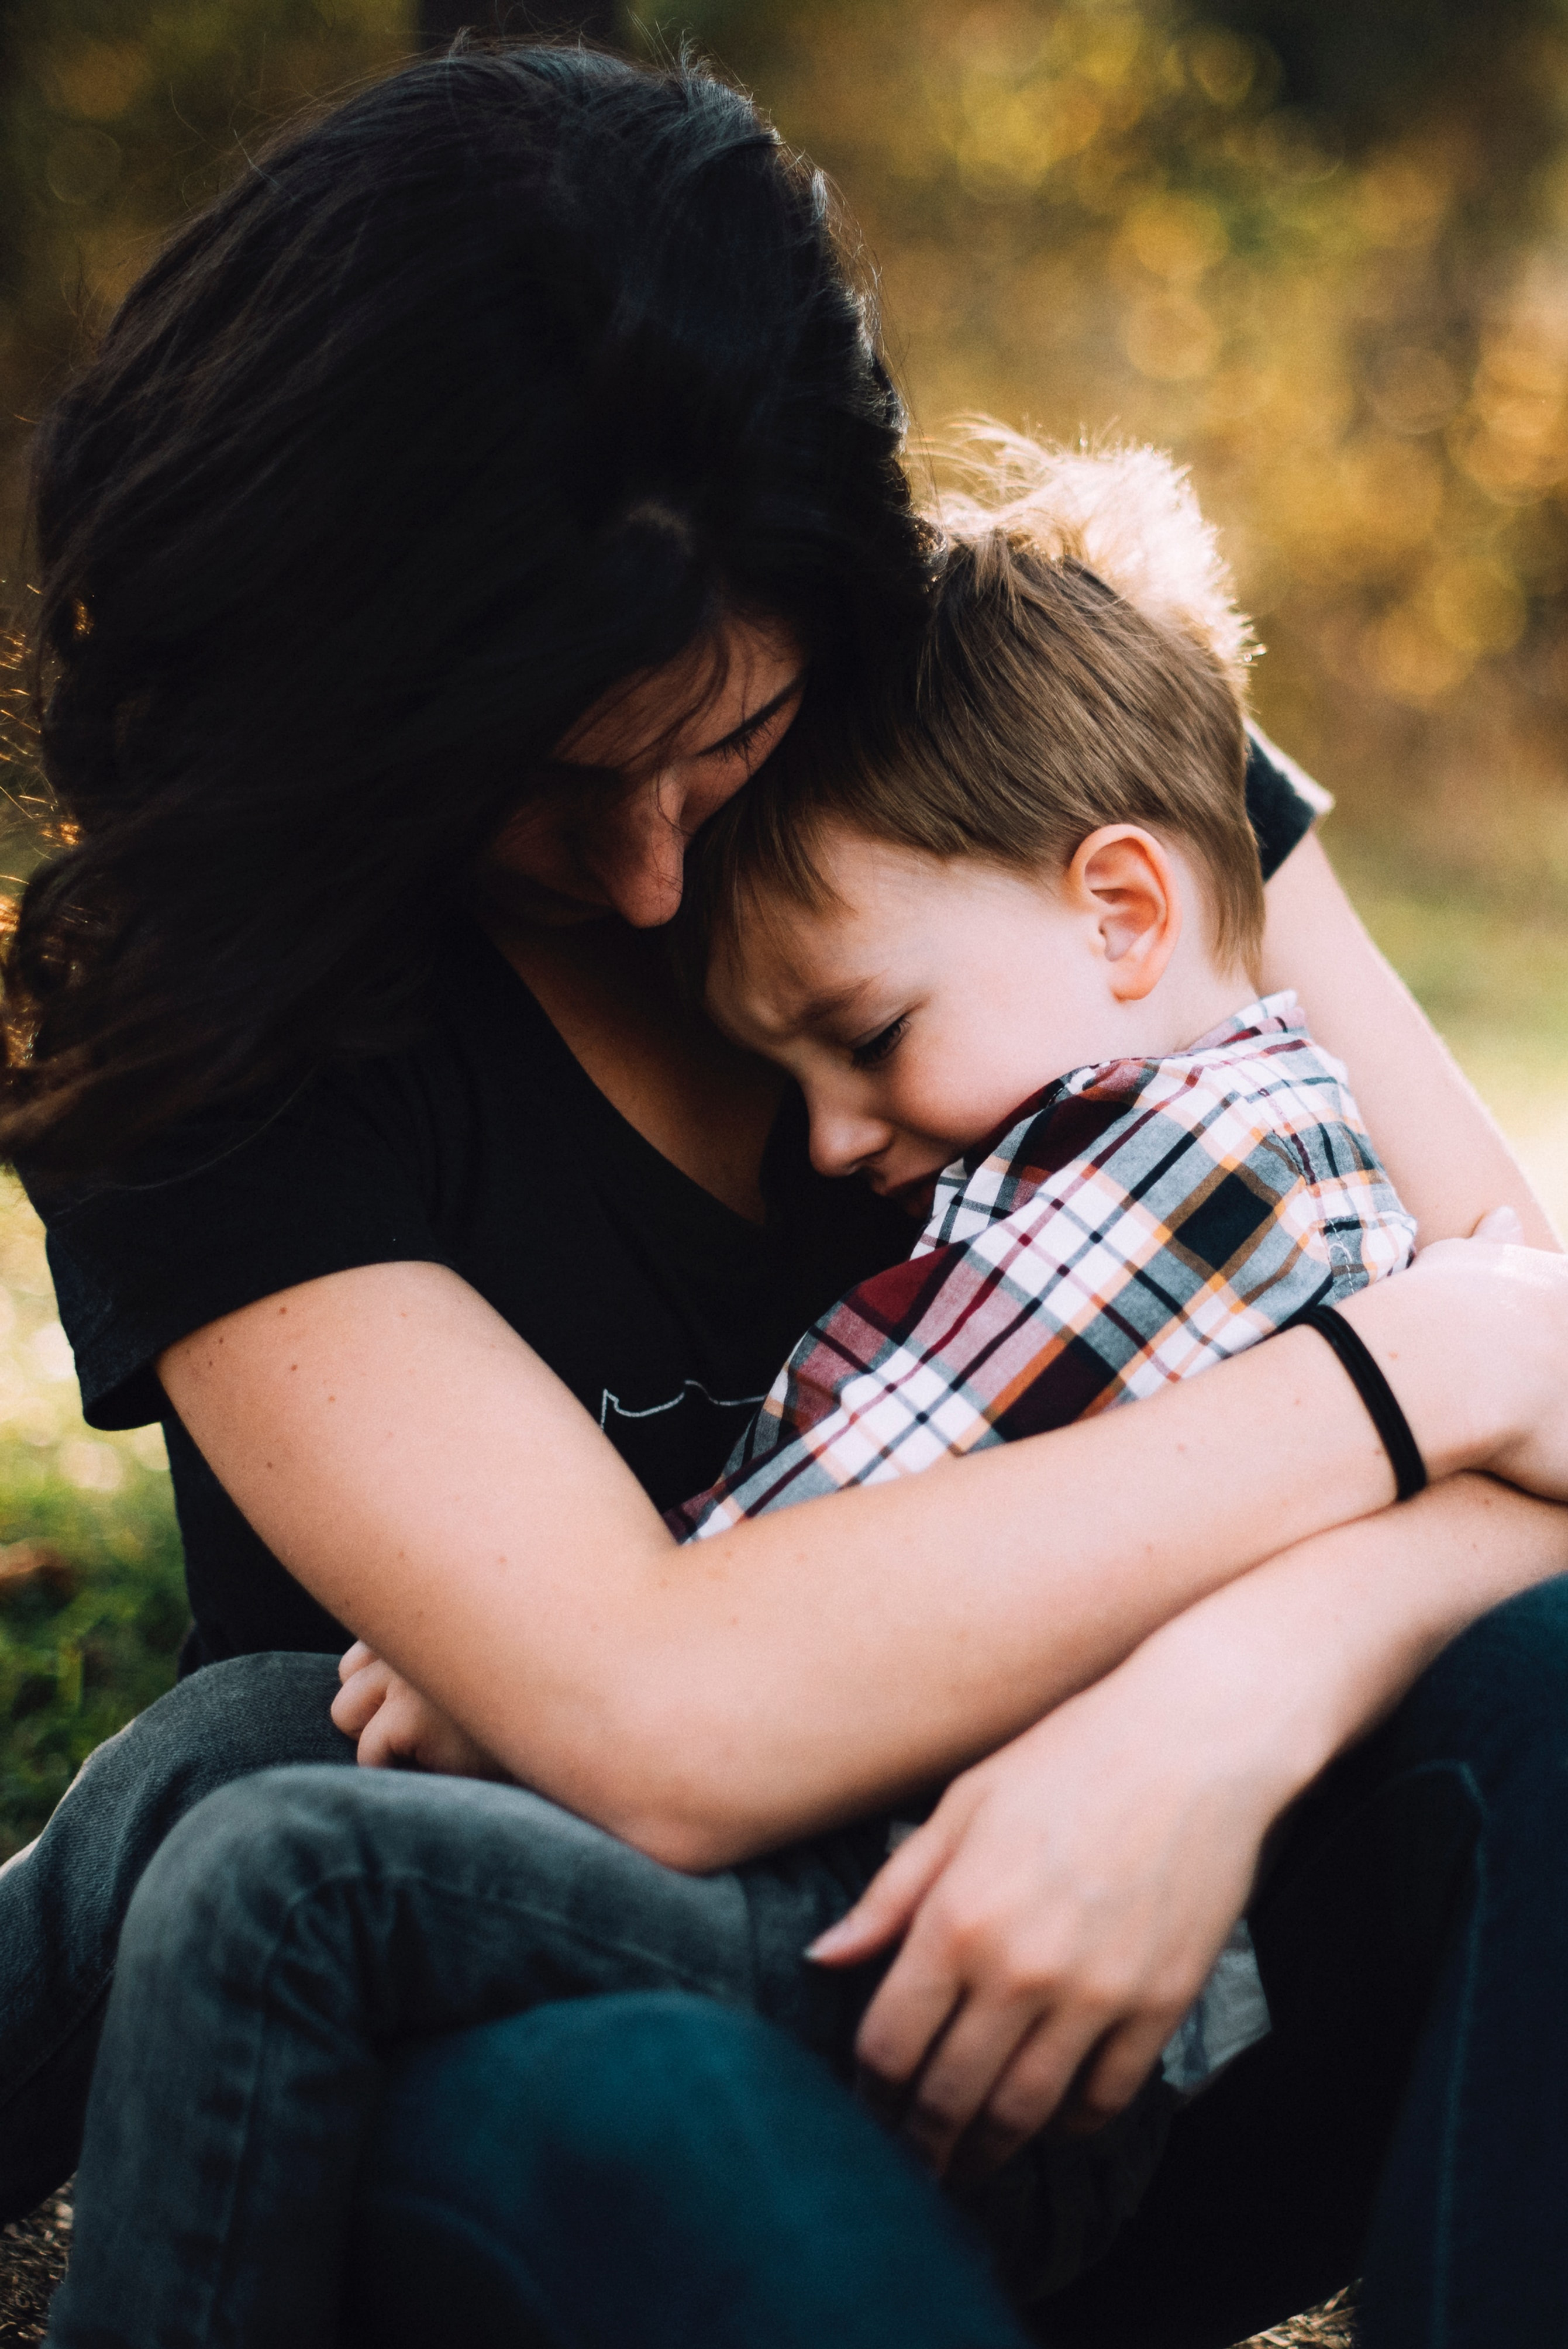 סדנה: חיבור אנרגטי בין הורים לילדים